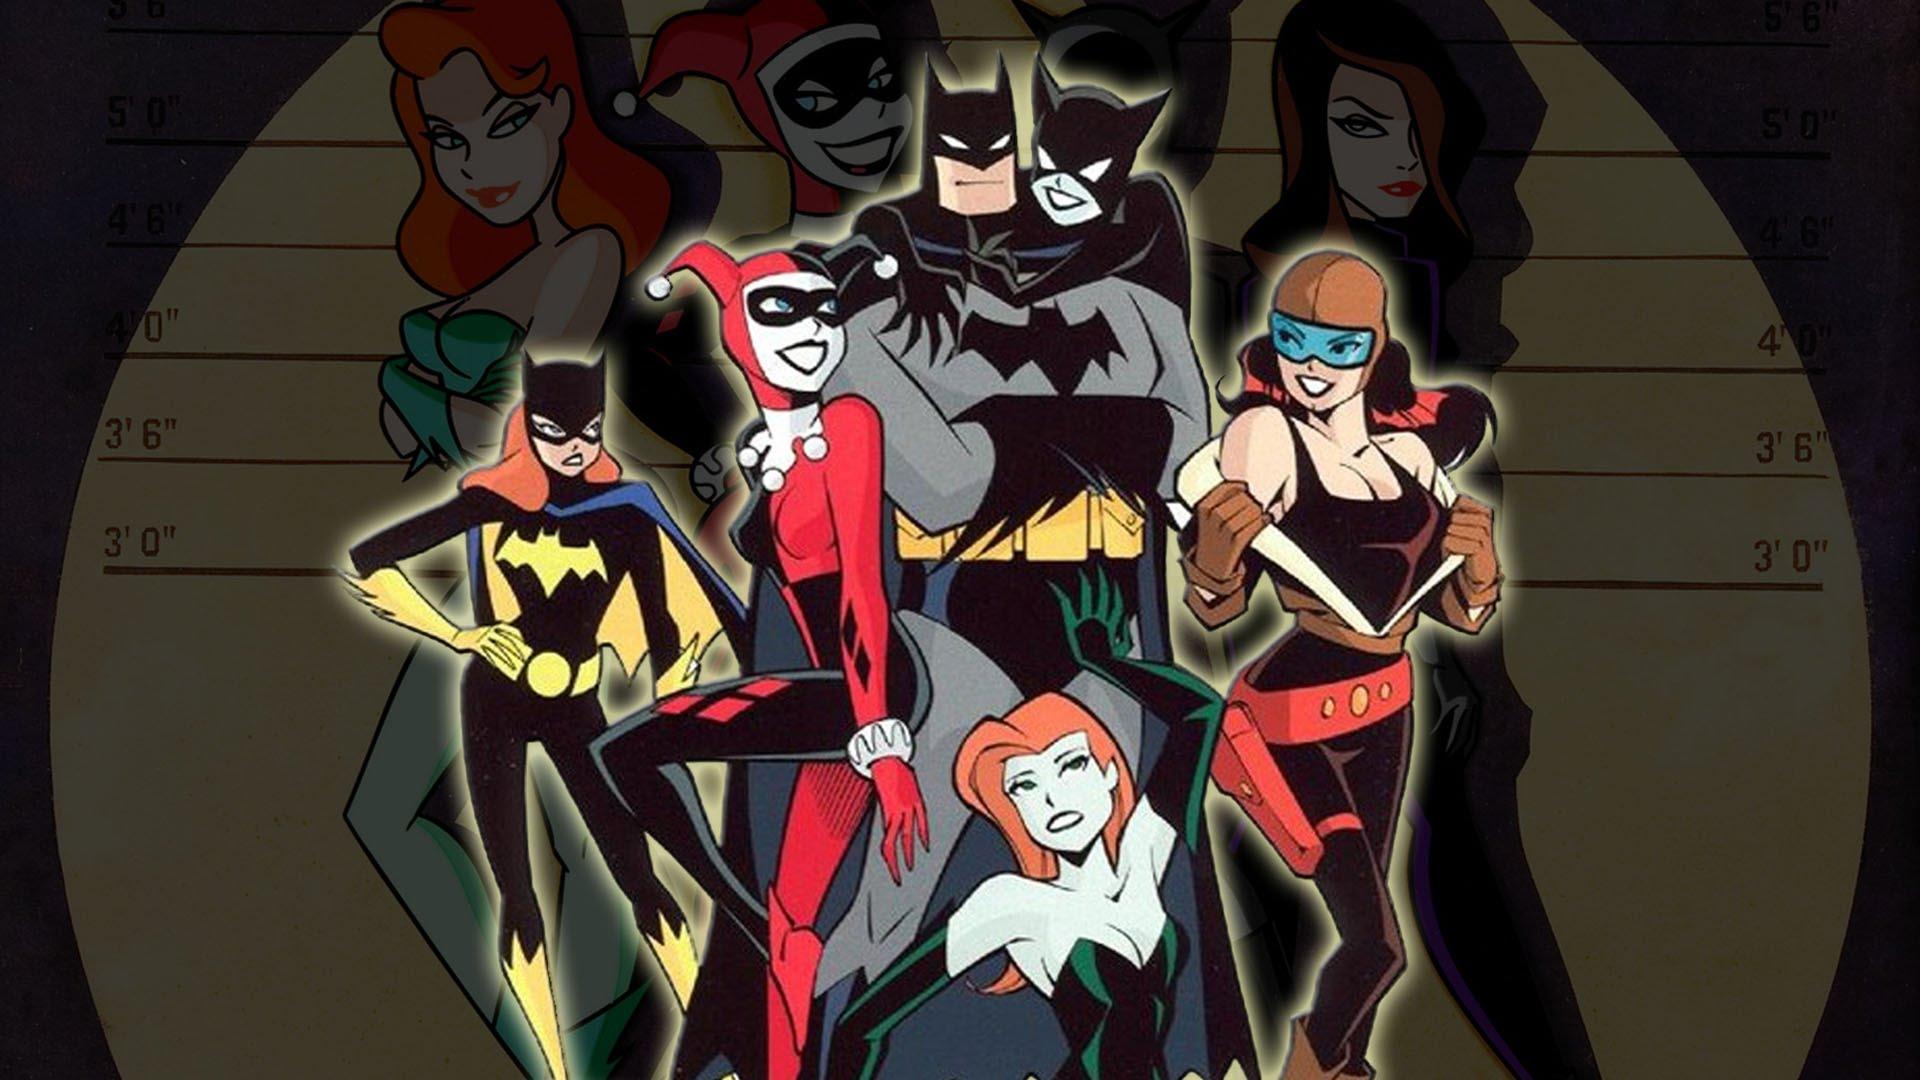 Którą z poniższych postaci lubisz najbardziej?